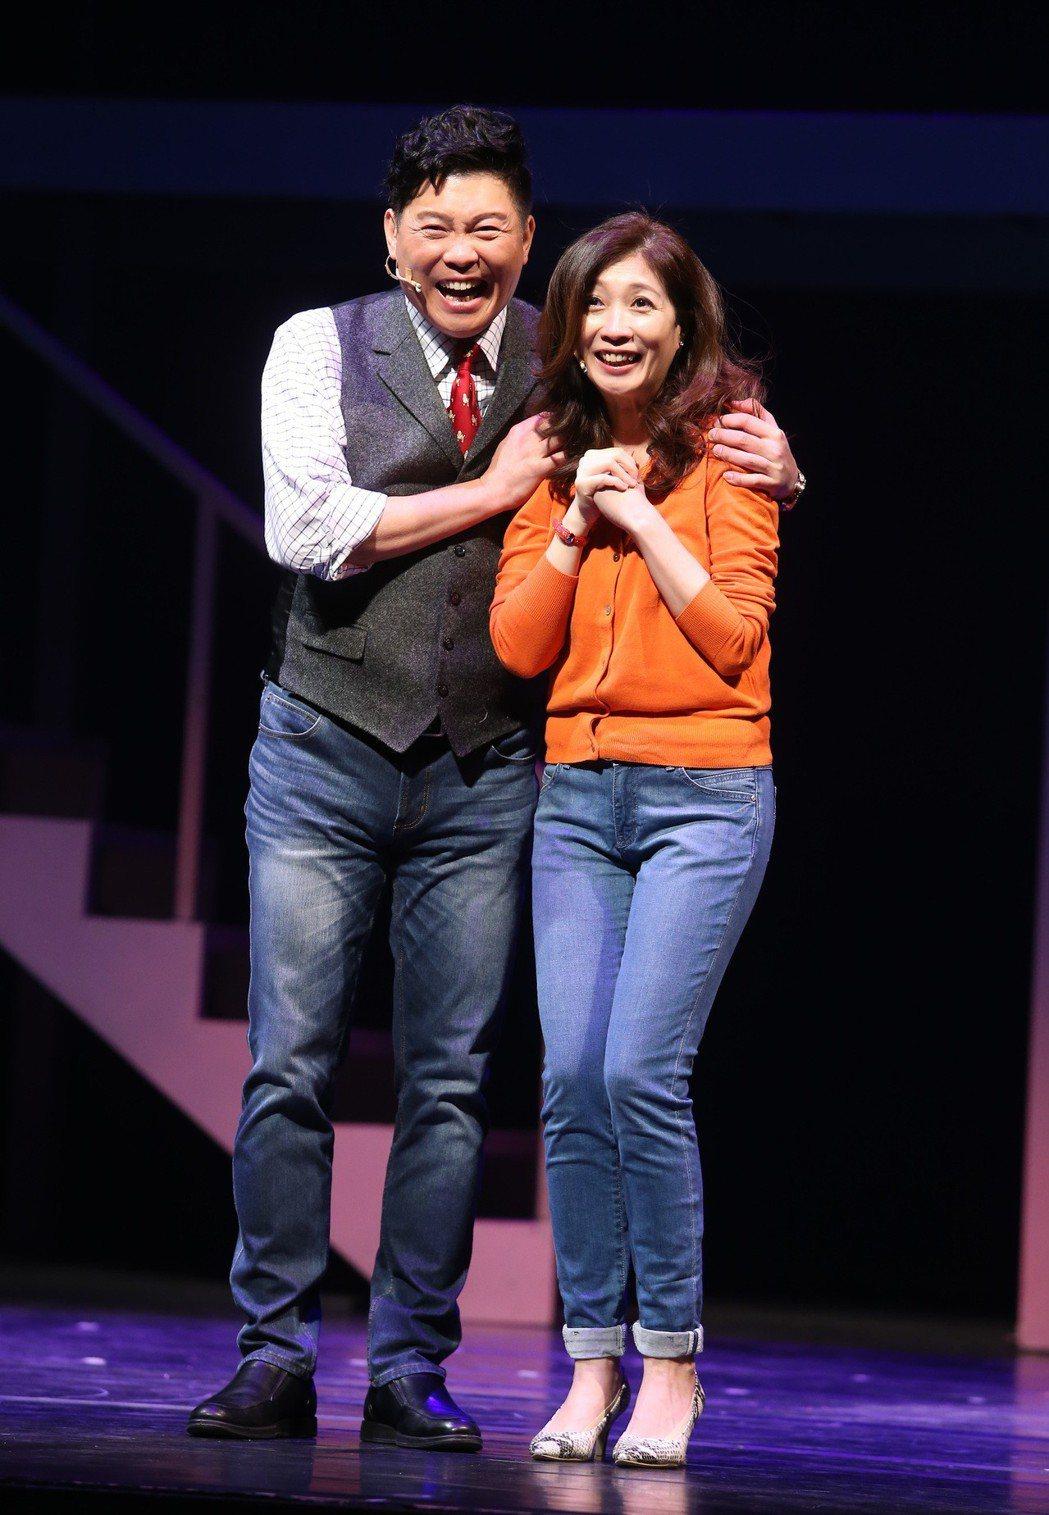 舞台劇「愛呀,我的媽」進行總彩排,曾國城、黃嘉千參與演出,二度登上國家戲劇院。記...